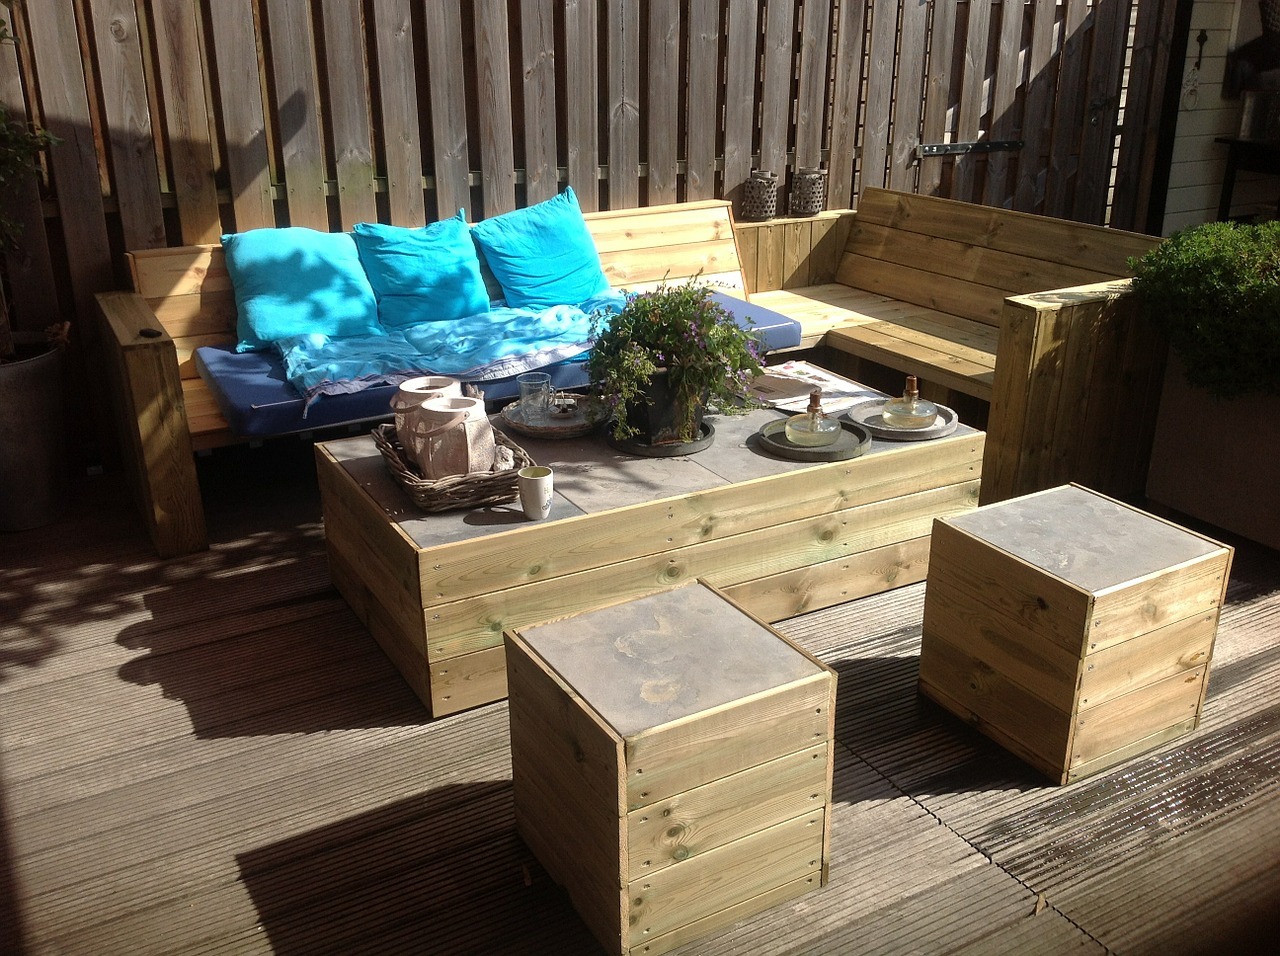 bahce-mobilyalari-1-jpg.74767 Bahçe mobilyası seçiminde püf noktalar Melekler Mekanı Forum